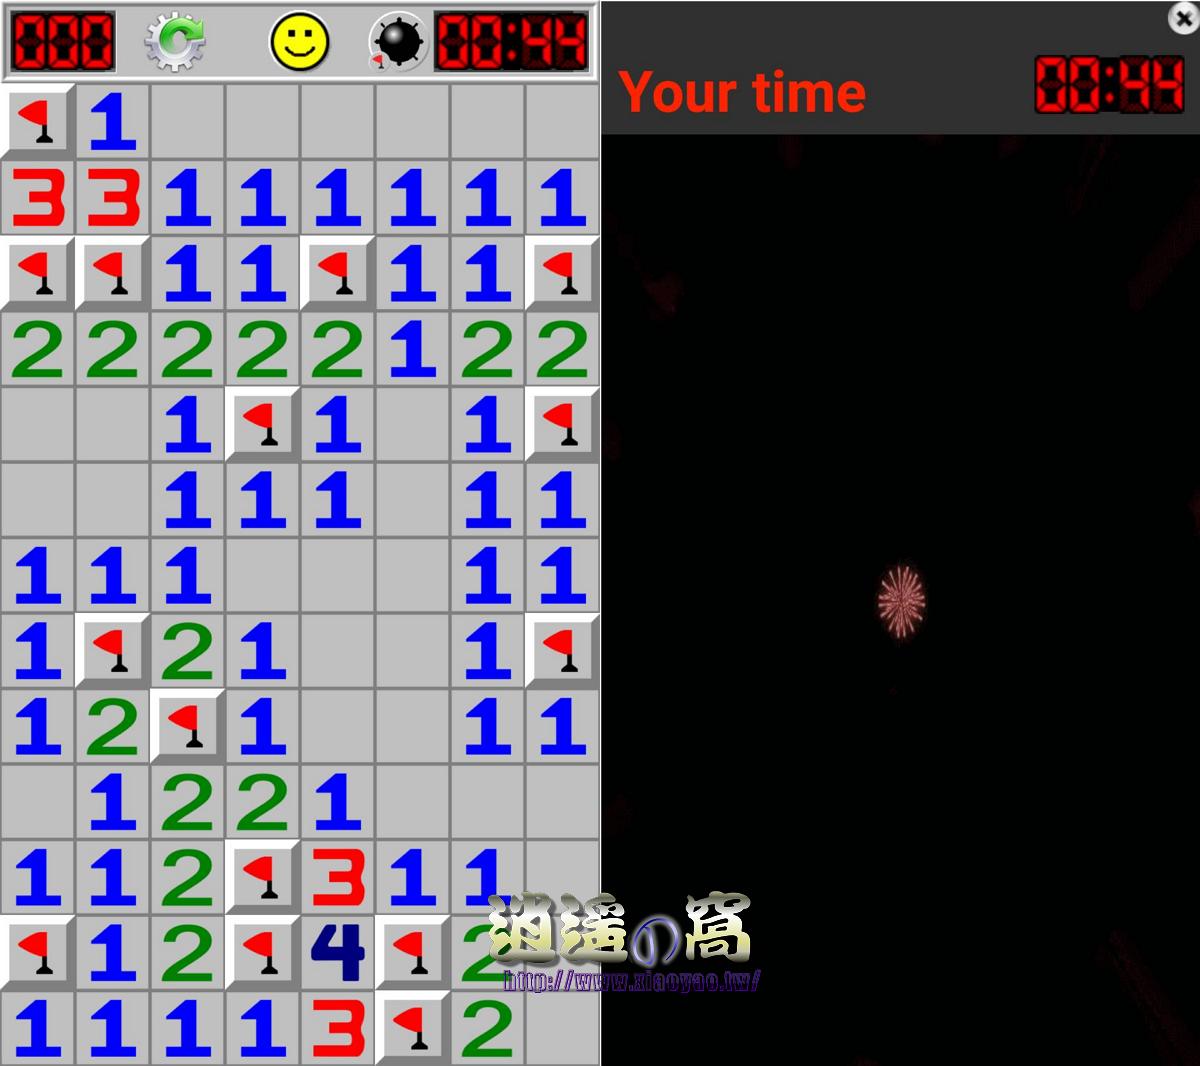 手機玩 Windows 經典遊戲踩地雷